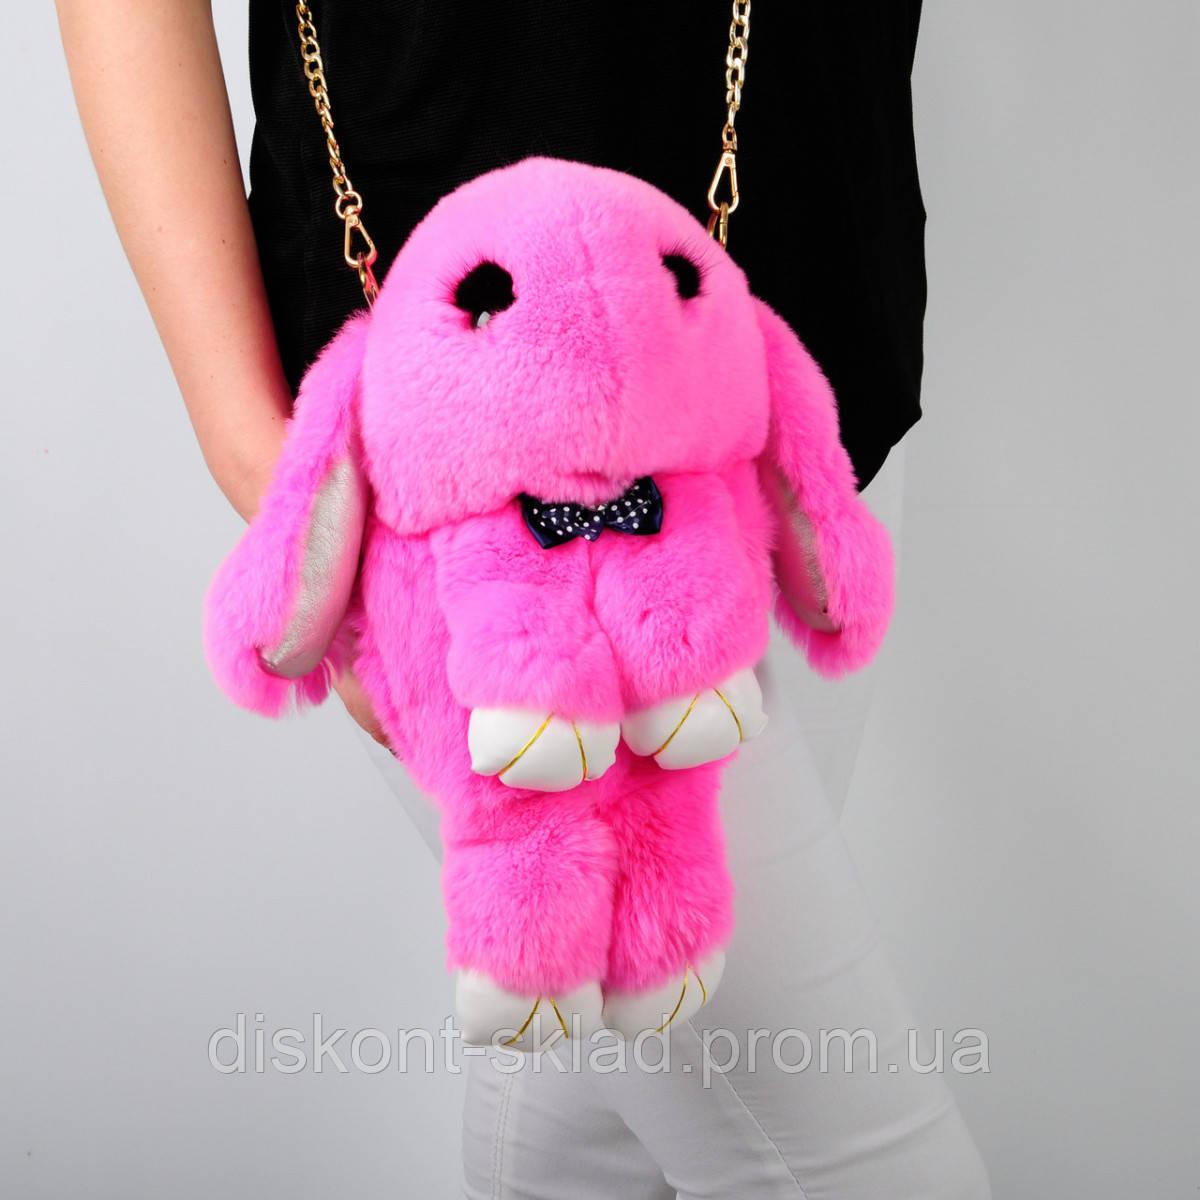 Брелок кролик на рюкзаки своими руками 57